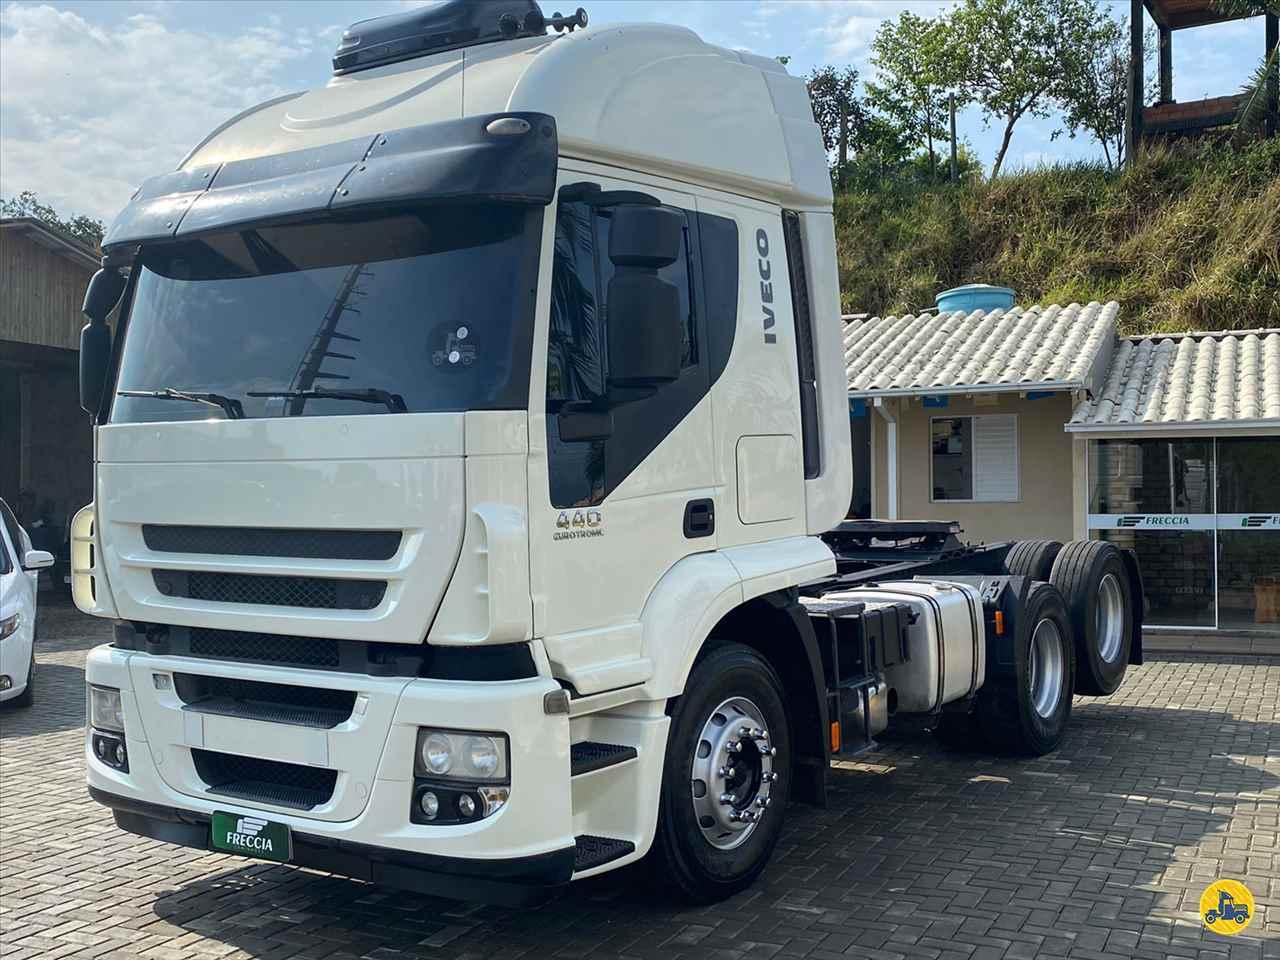 CAMINHAO IVECO STRALIS 440 Cavalo Mecânico Truck 6x2 Freccia Caminhões JAGUARUNA SANTA CATARINA SC